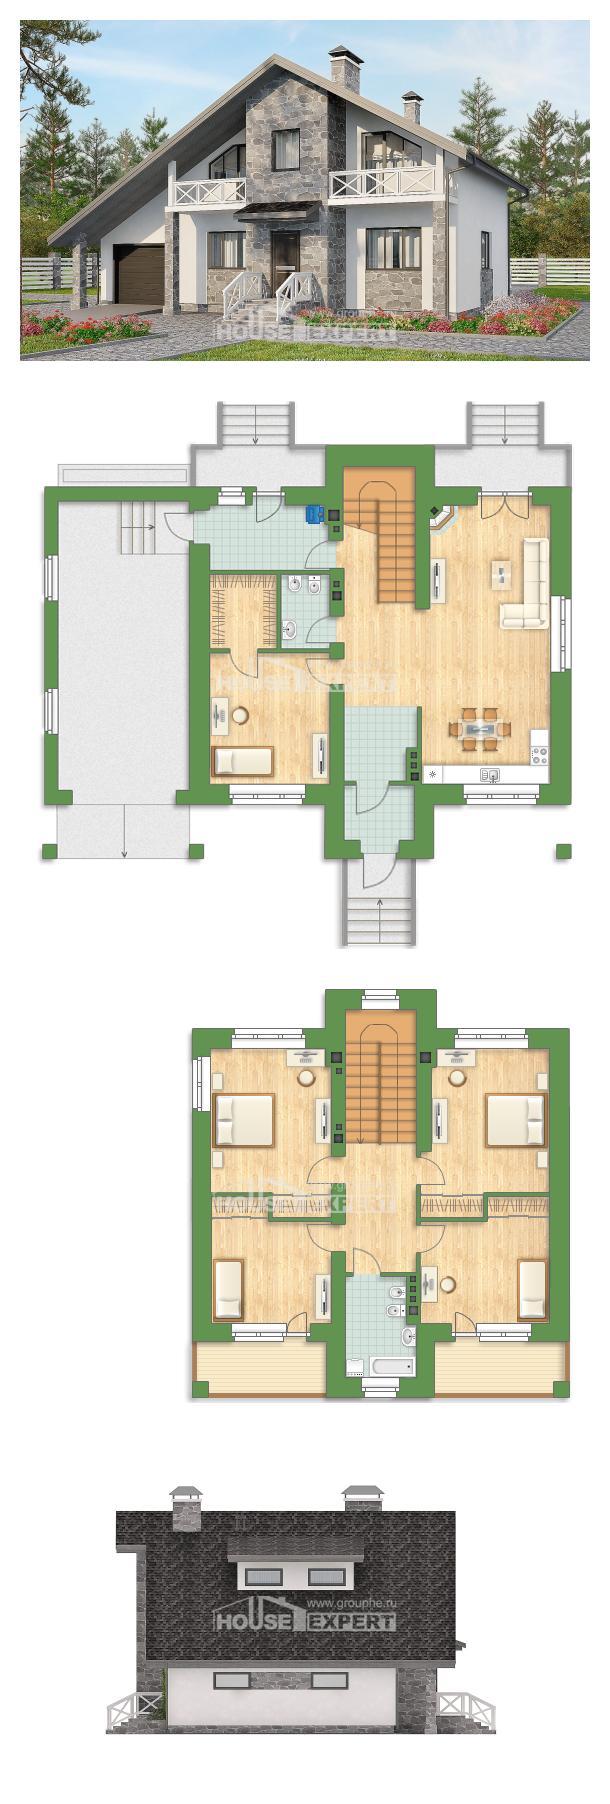 Plan 180-017-L   House Expert